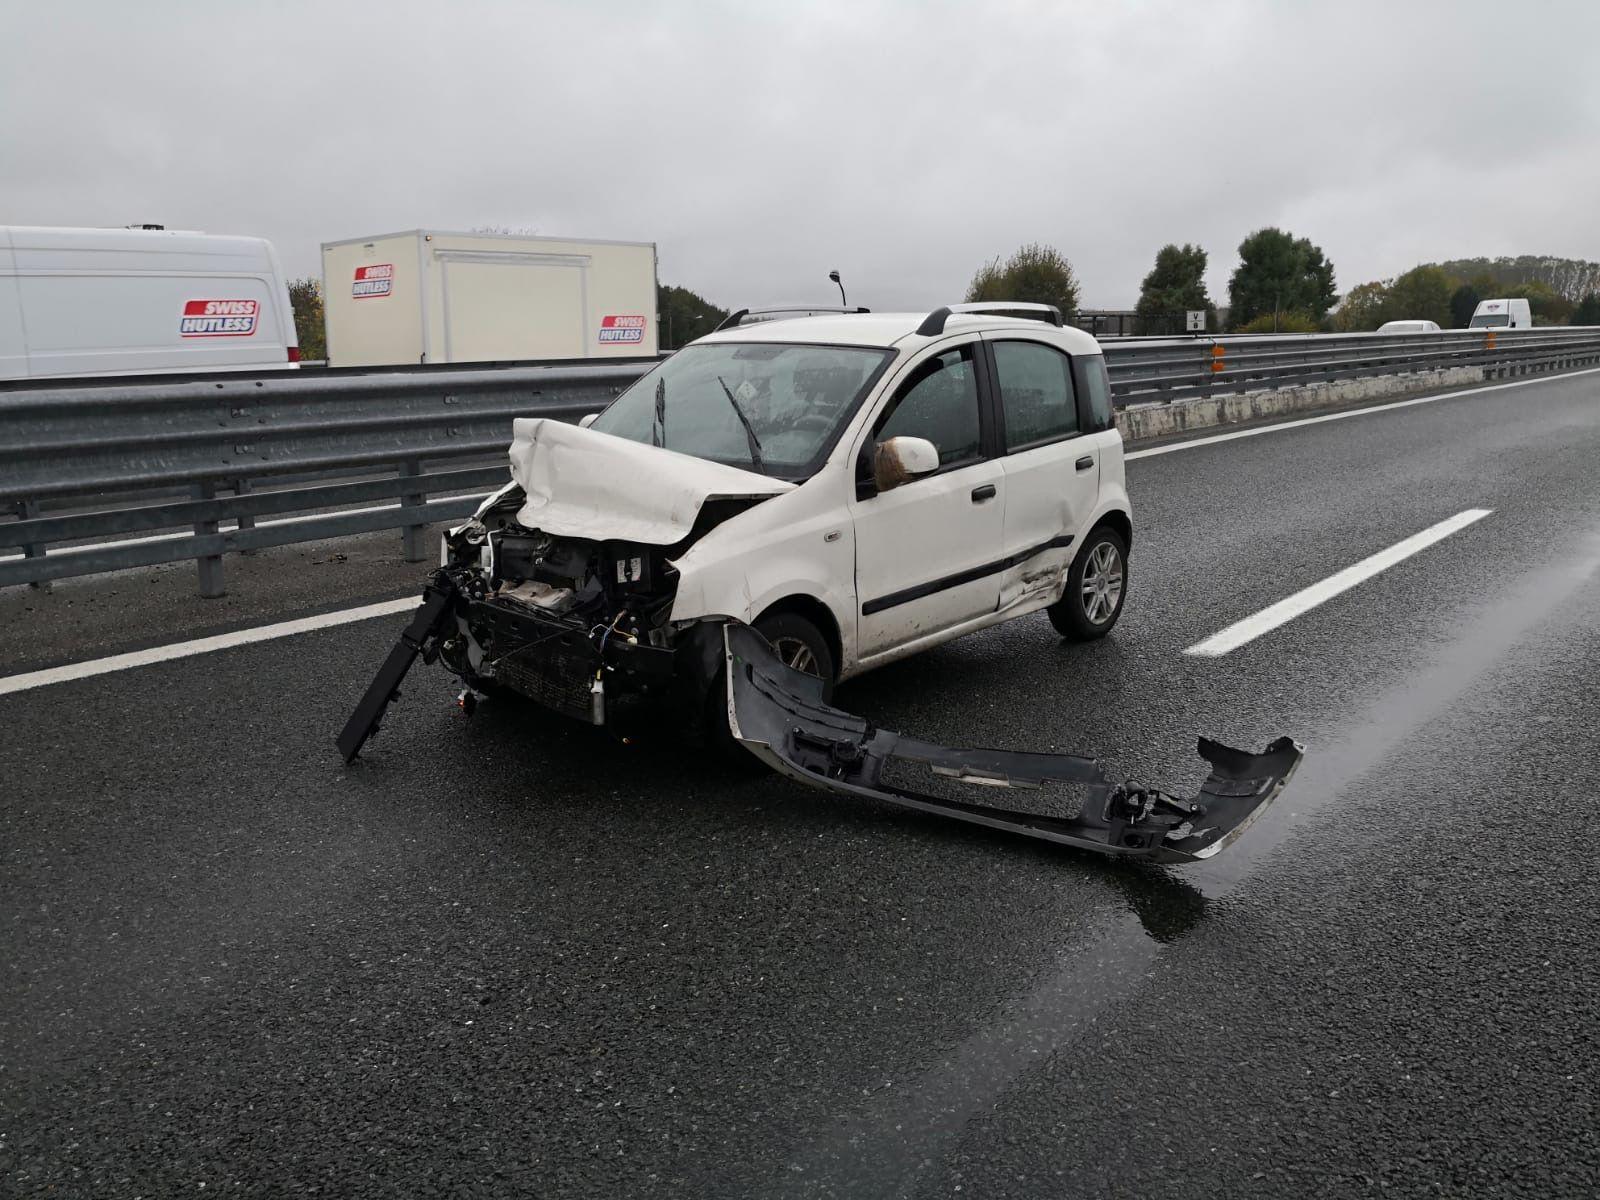 CANAVESE - Incidenti stradali per la pioggia: due feriti in autostrada - FOTO